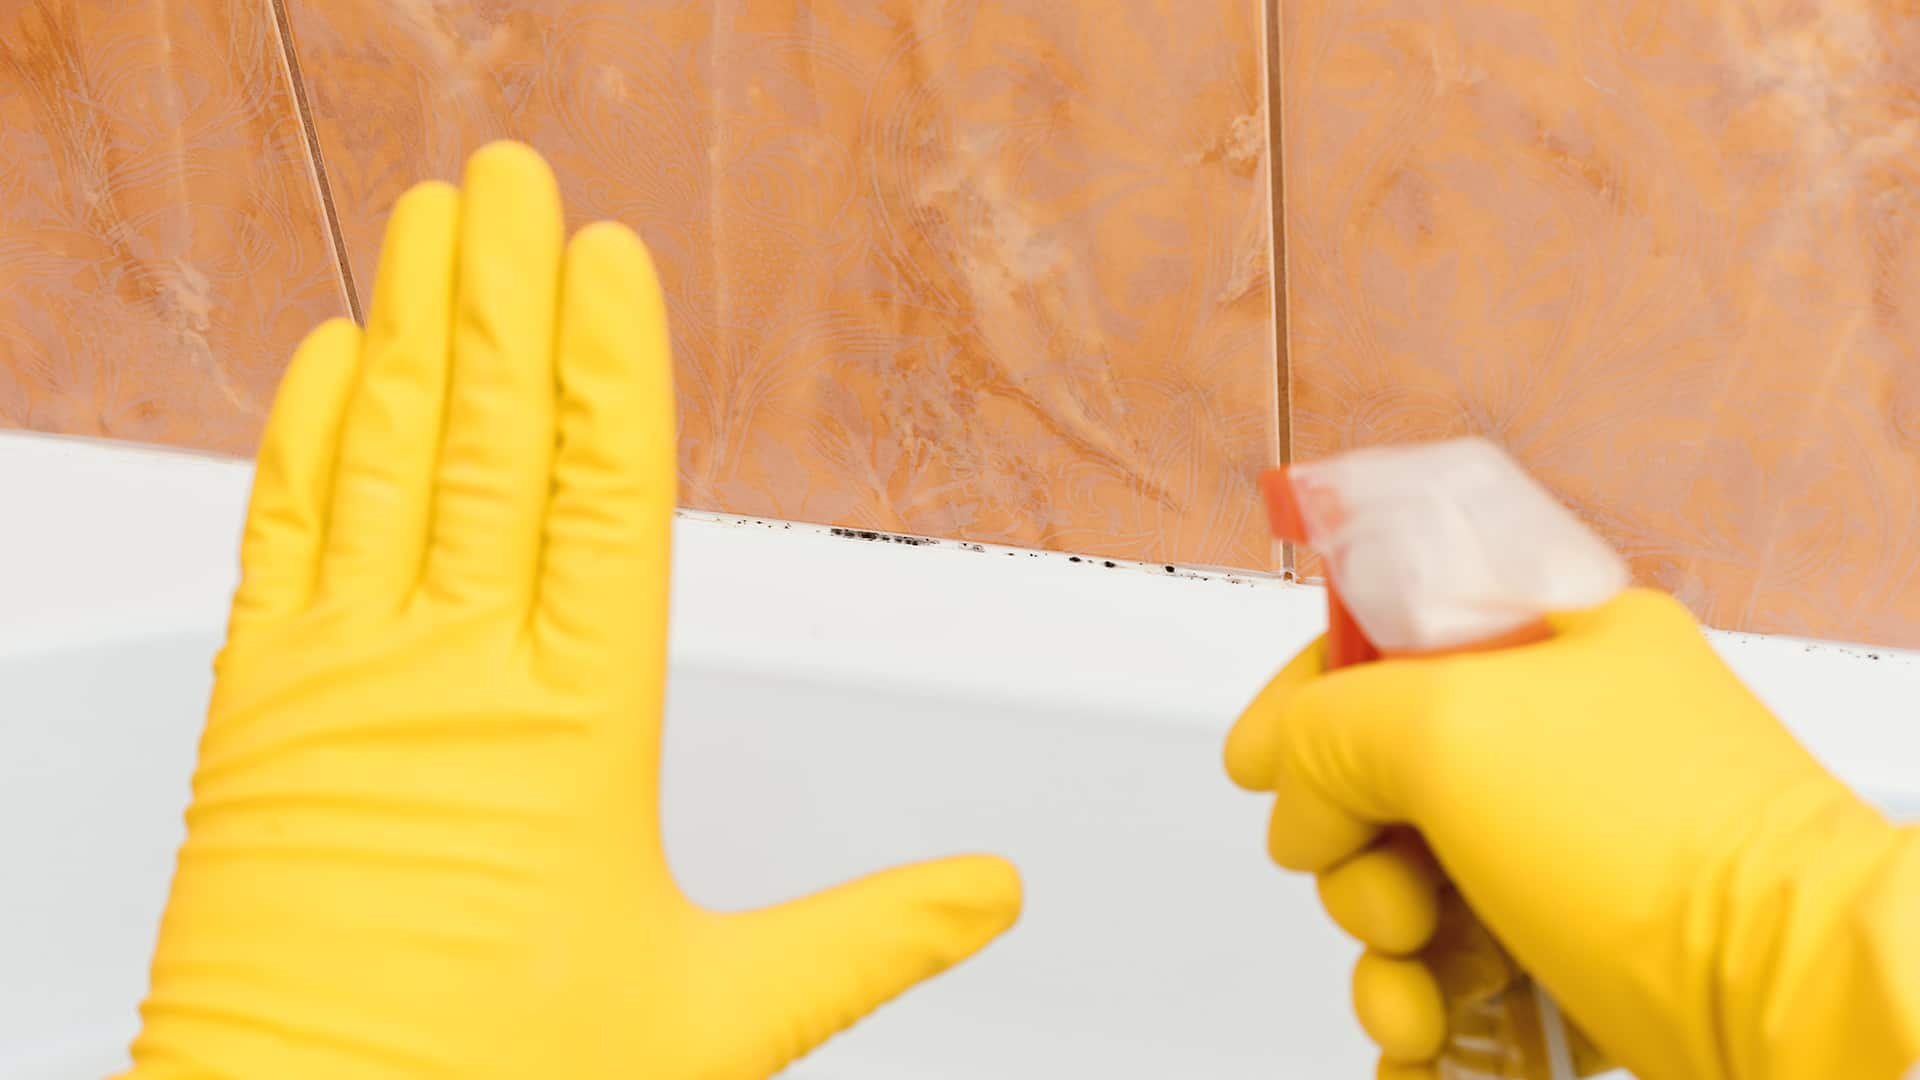 does vinegar kill mold